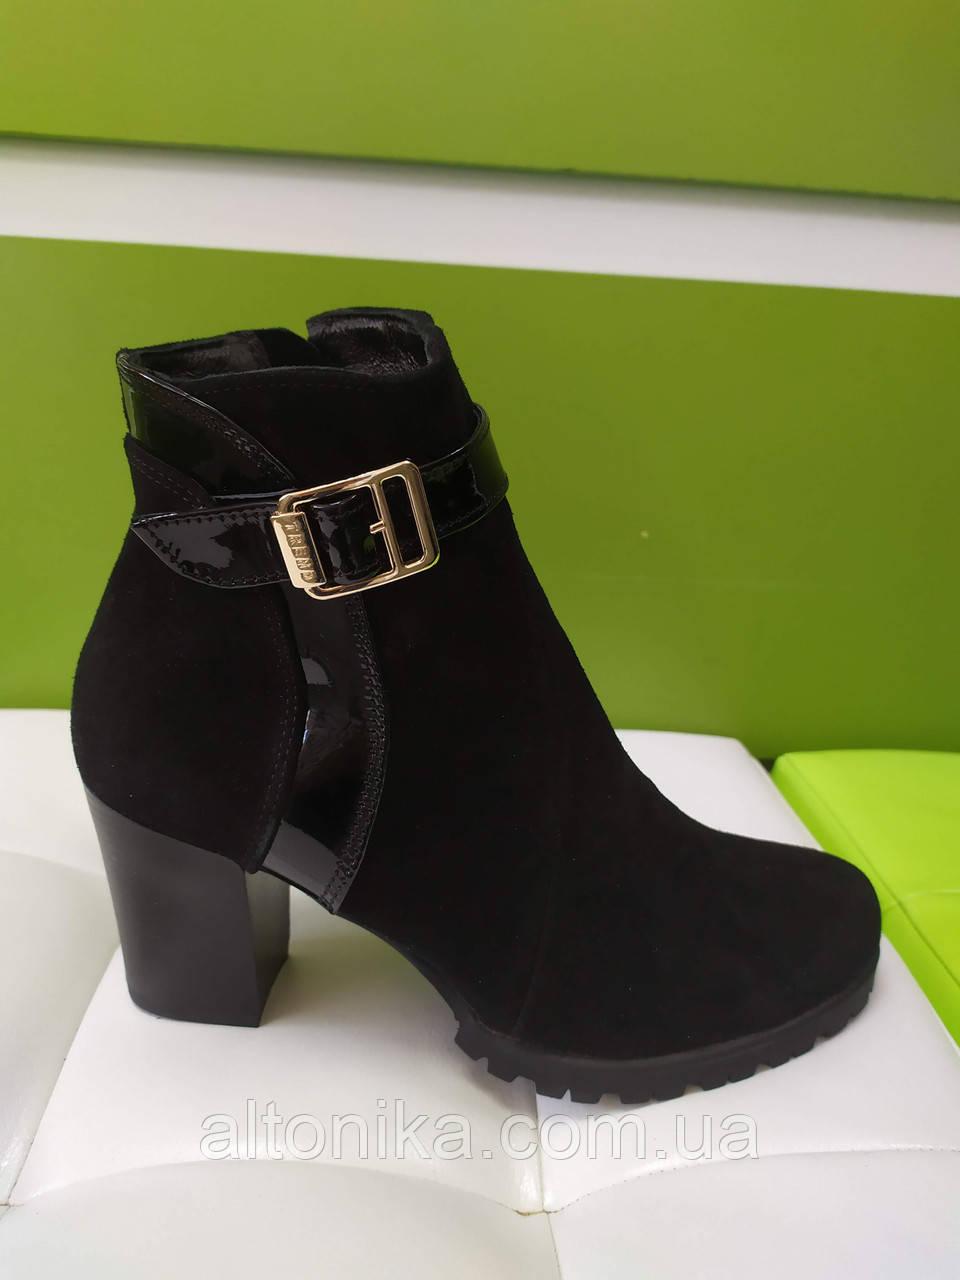 STTOPA деми. Размеры 33-35. Ботинки кожаные маленьких размеров. Каблук 7,5 см. С9-7-3335-75-3343 Черные